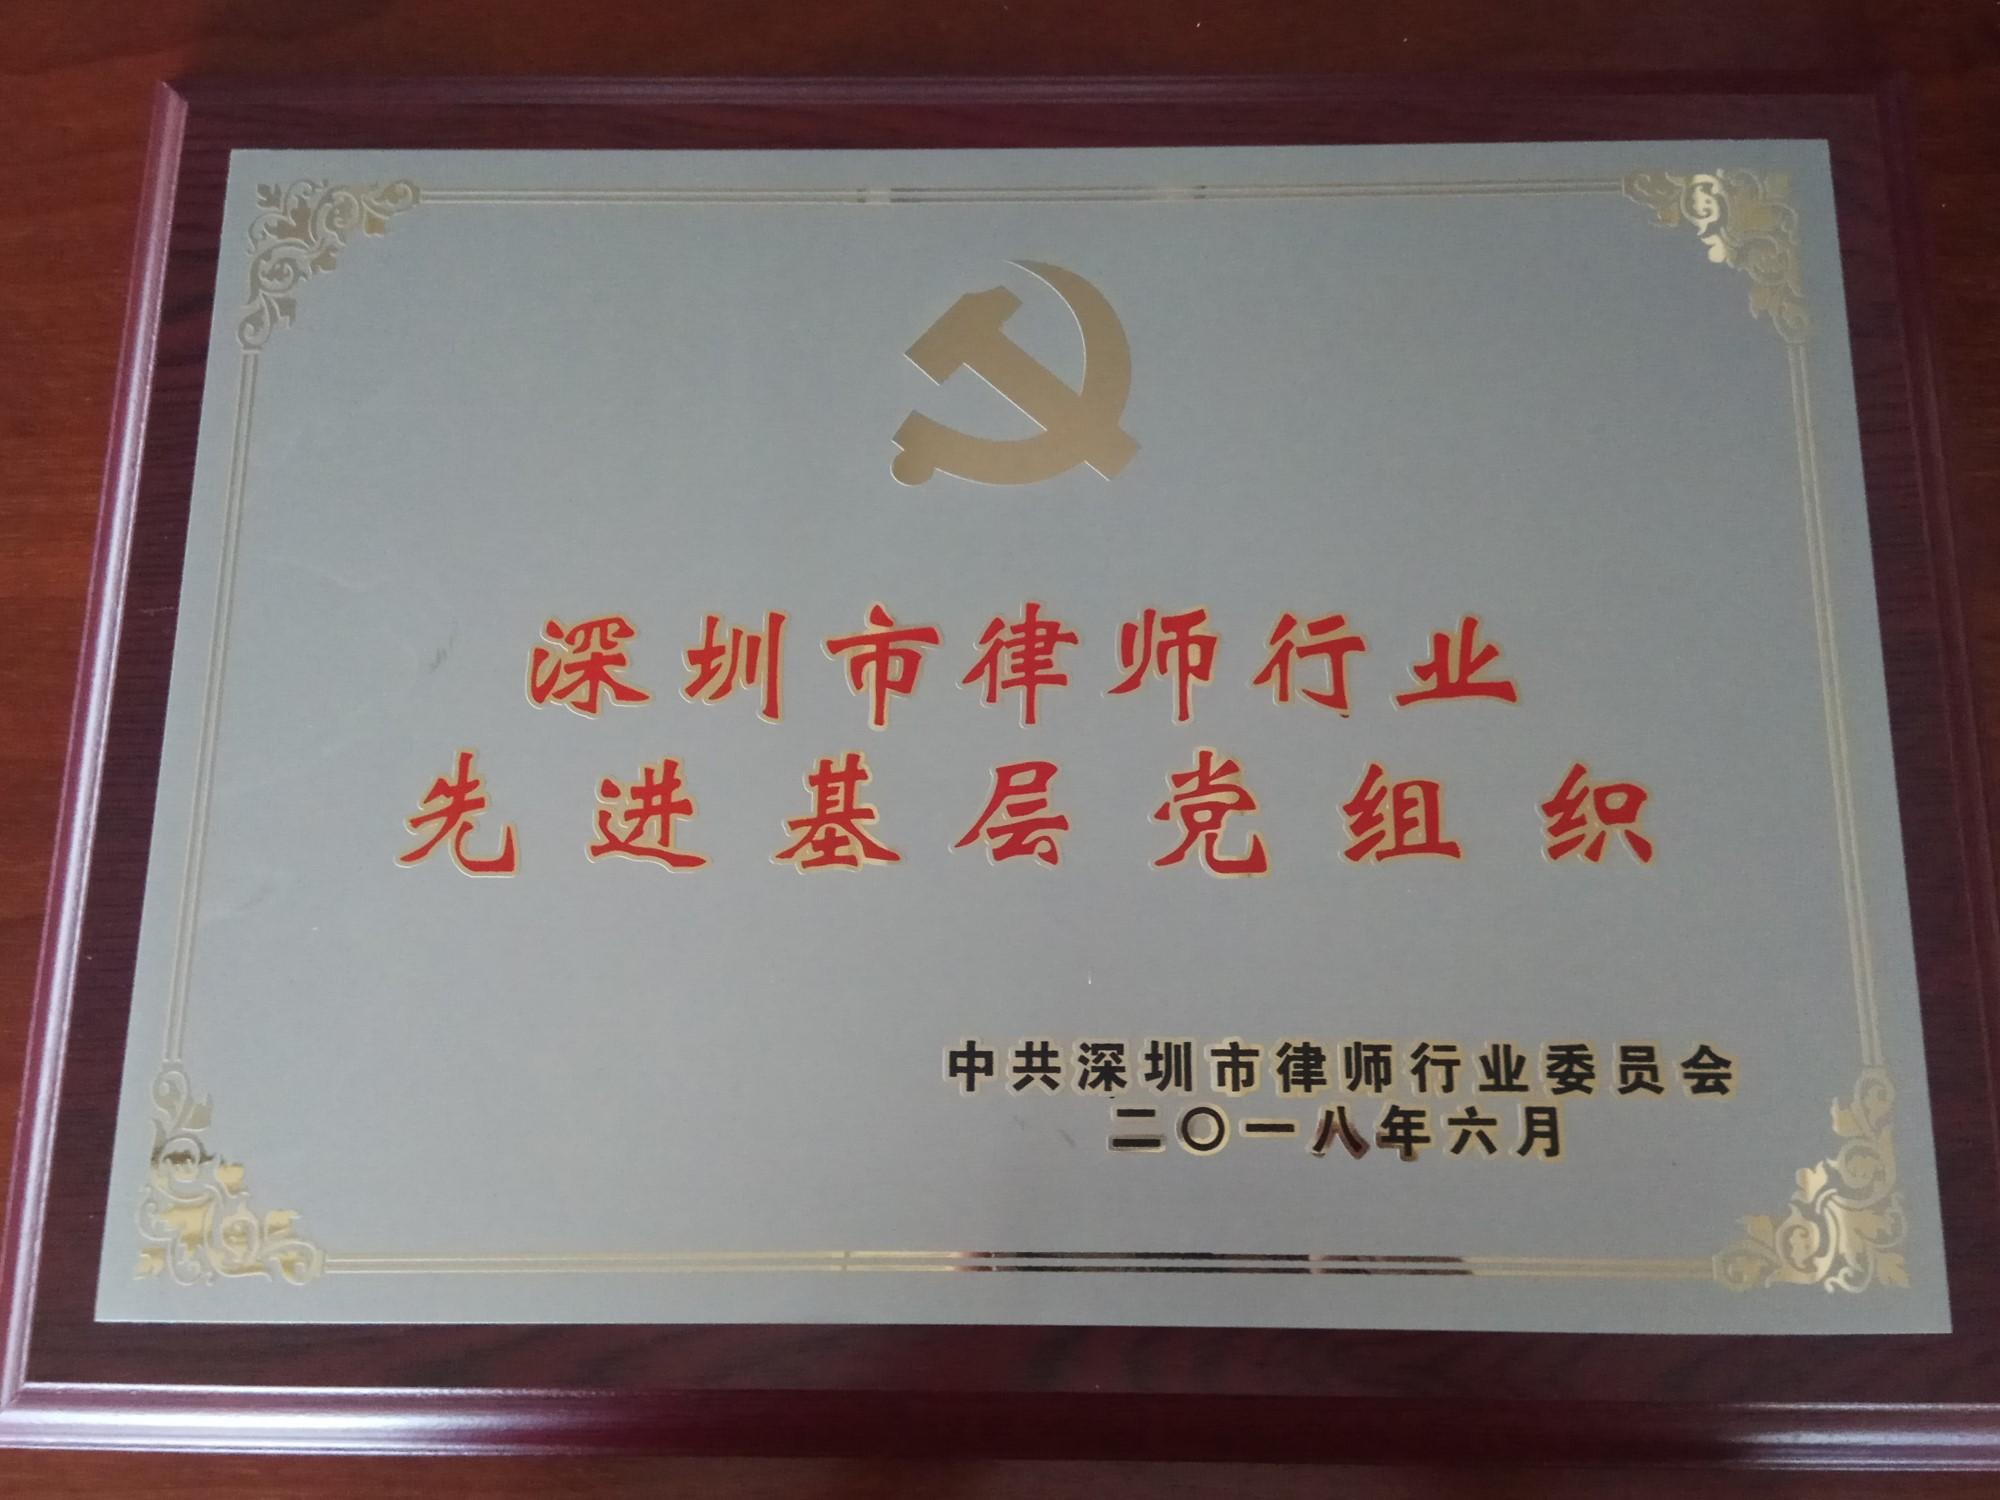 2018深圳市万博首页登录APP下载行业先进基层党组织